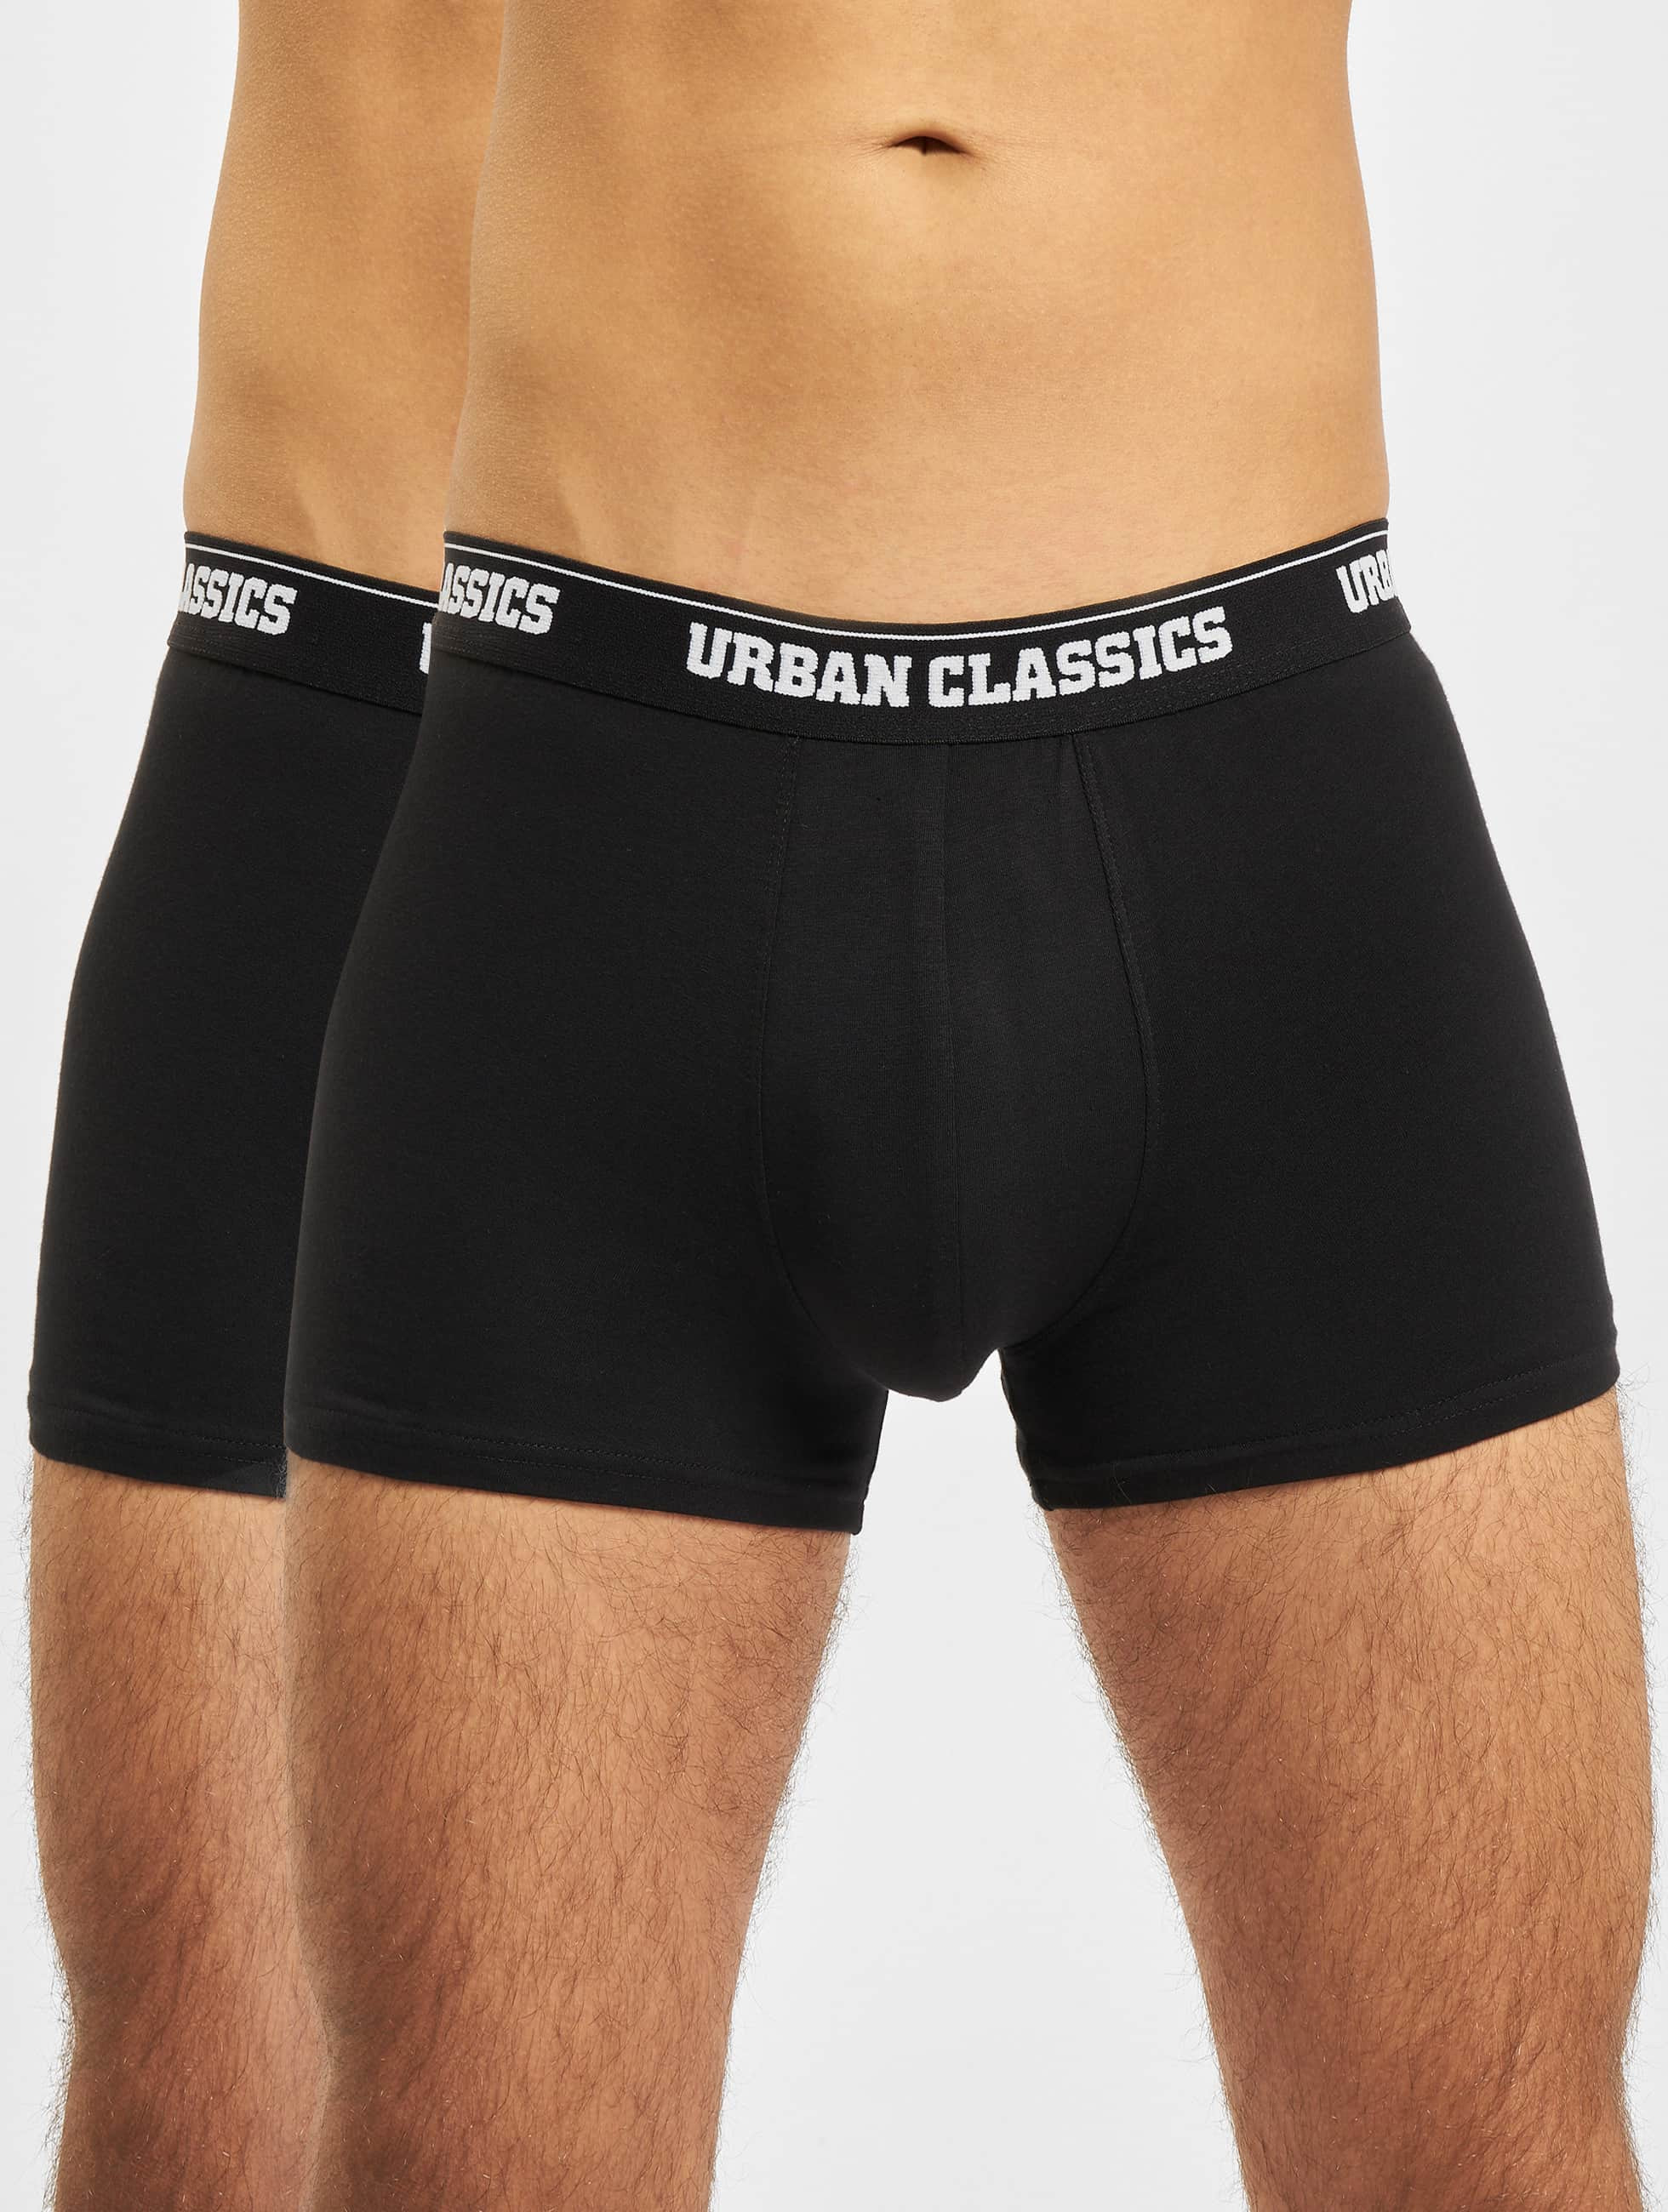 Urban Classics Boxer Mens Double Pack noir